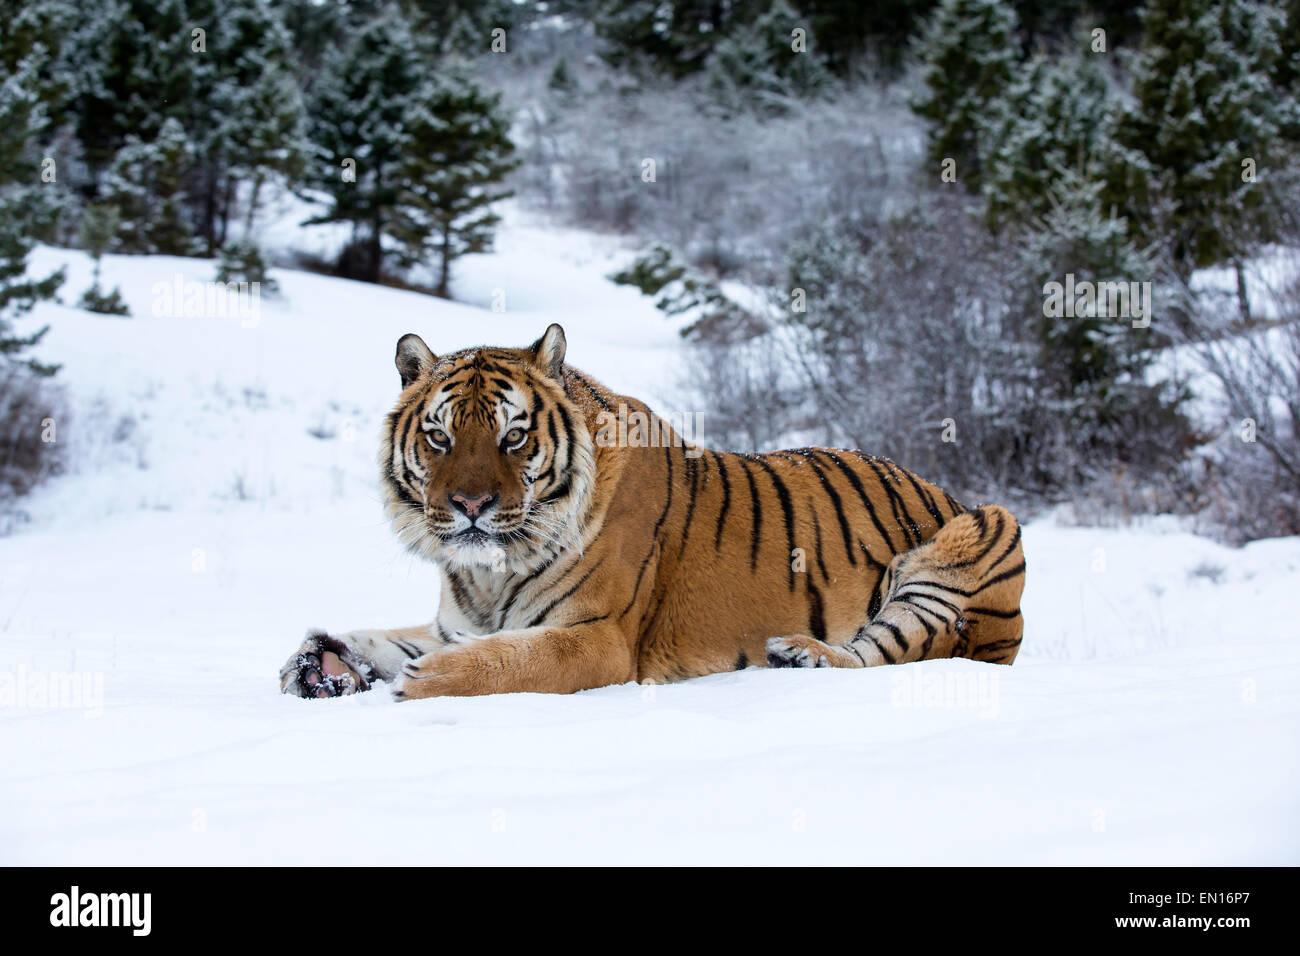 Tigre Siberiana (Panthera Tigris Altaica) adulto seduto nella neve sul bordo del bosco Immagini Stock